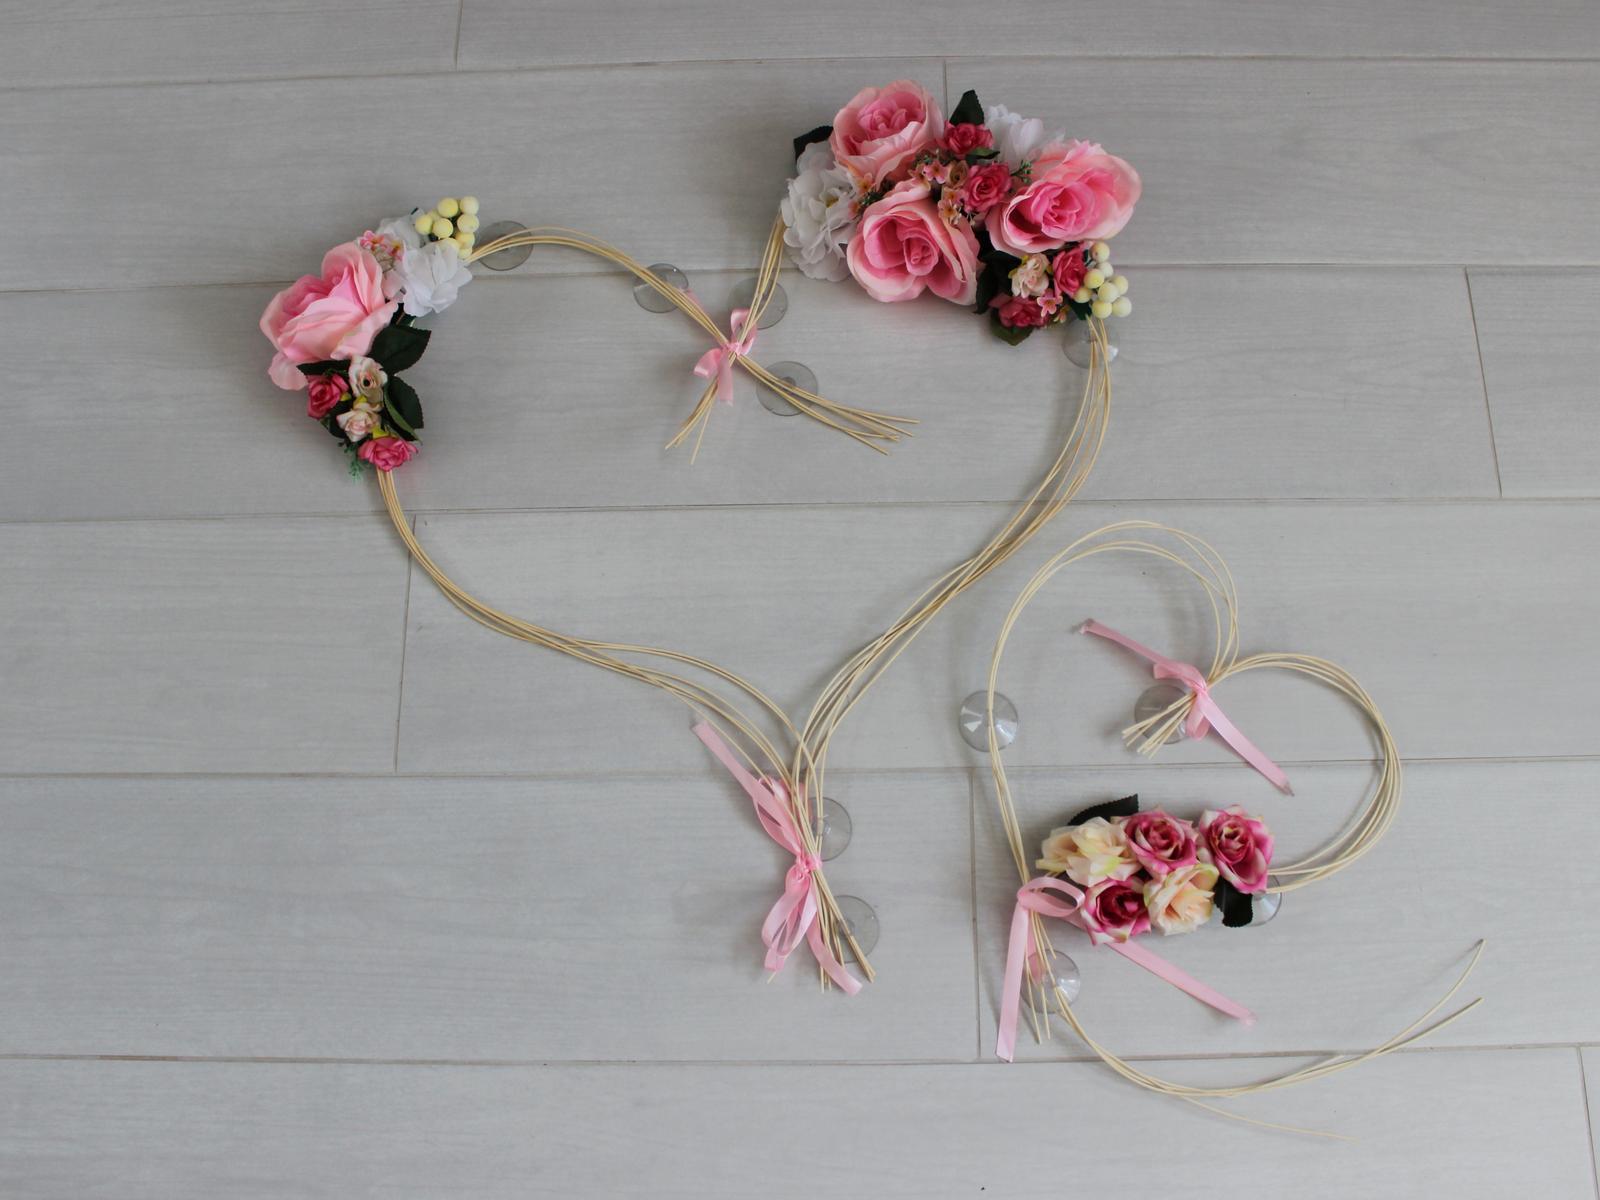 Ružová výzdoba na auto - dve srdcia - Obrázok č. 1